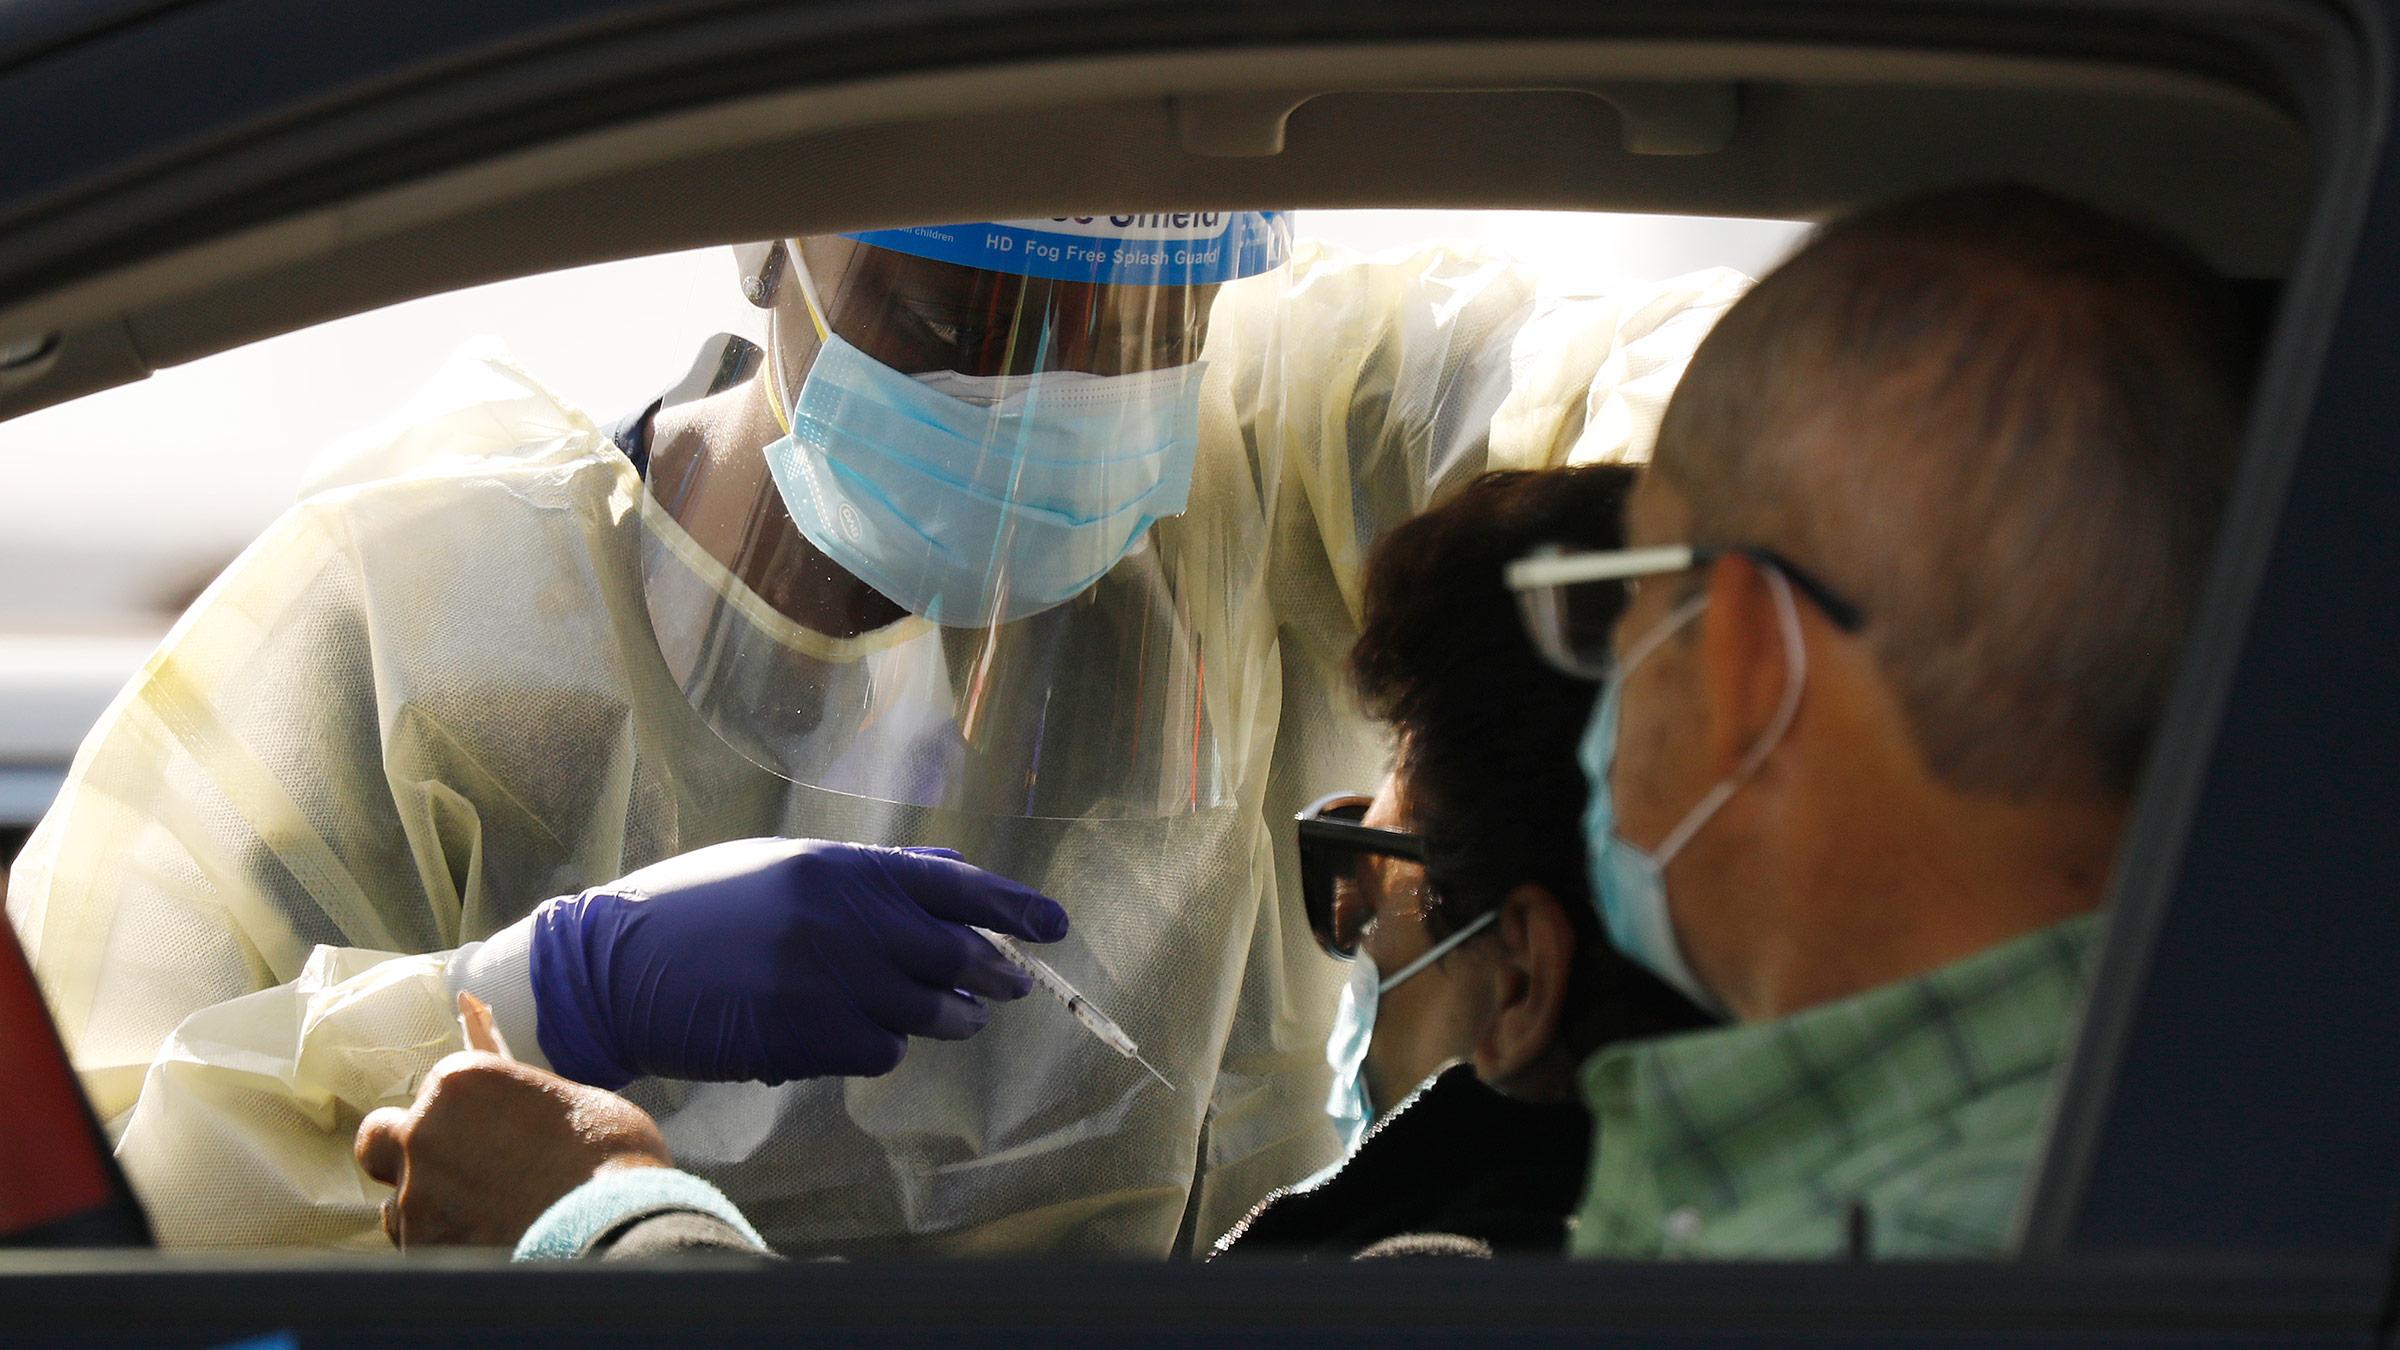 """1/22美国疫情更新:英国冠状病毒变异可能与""""更高的死亡率""""有关;洛杉矶疫情趋缓 新增病例、住院率下降"""